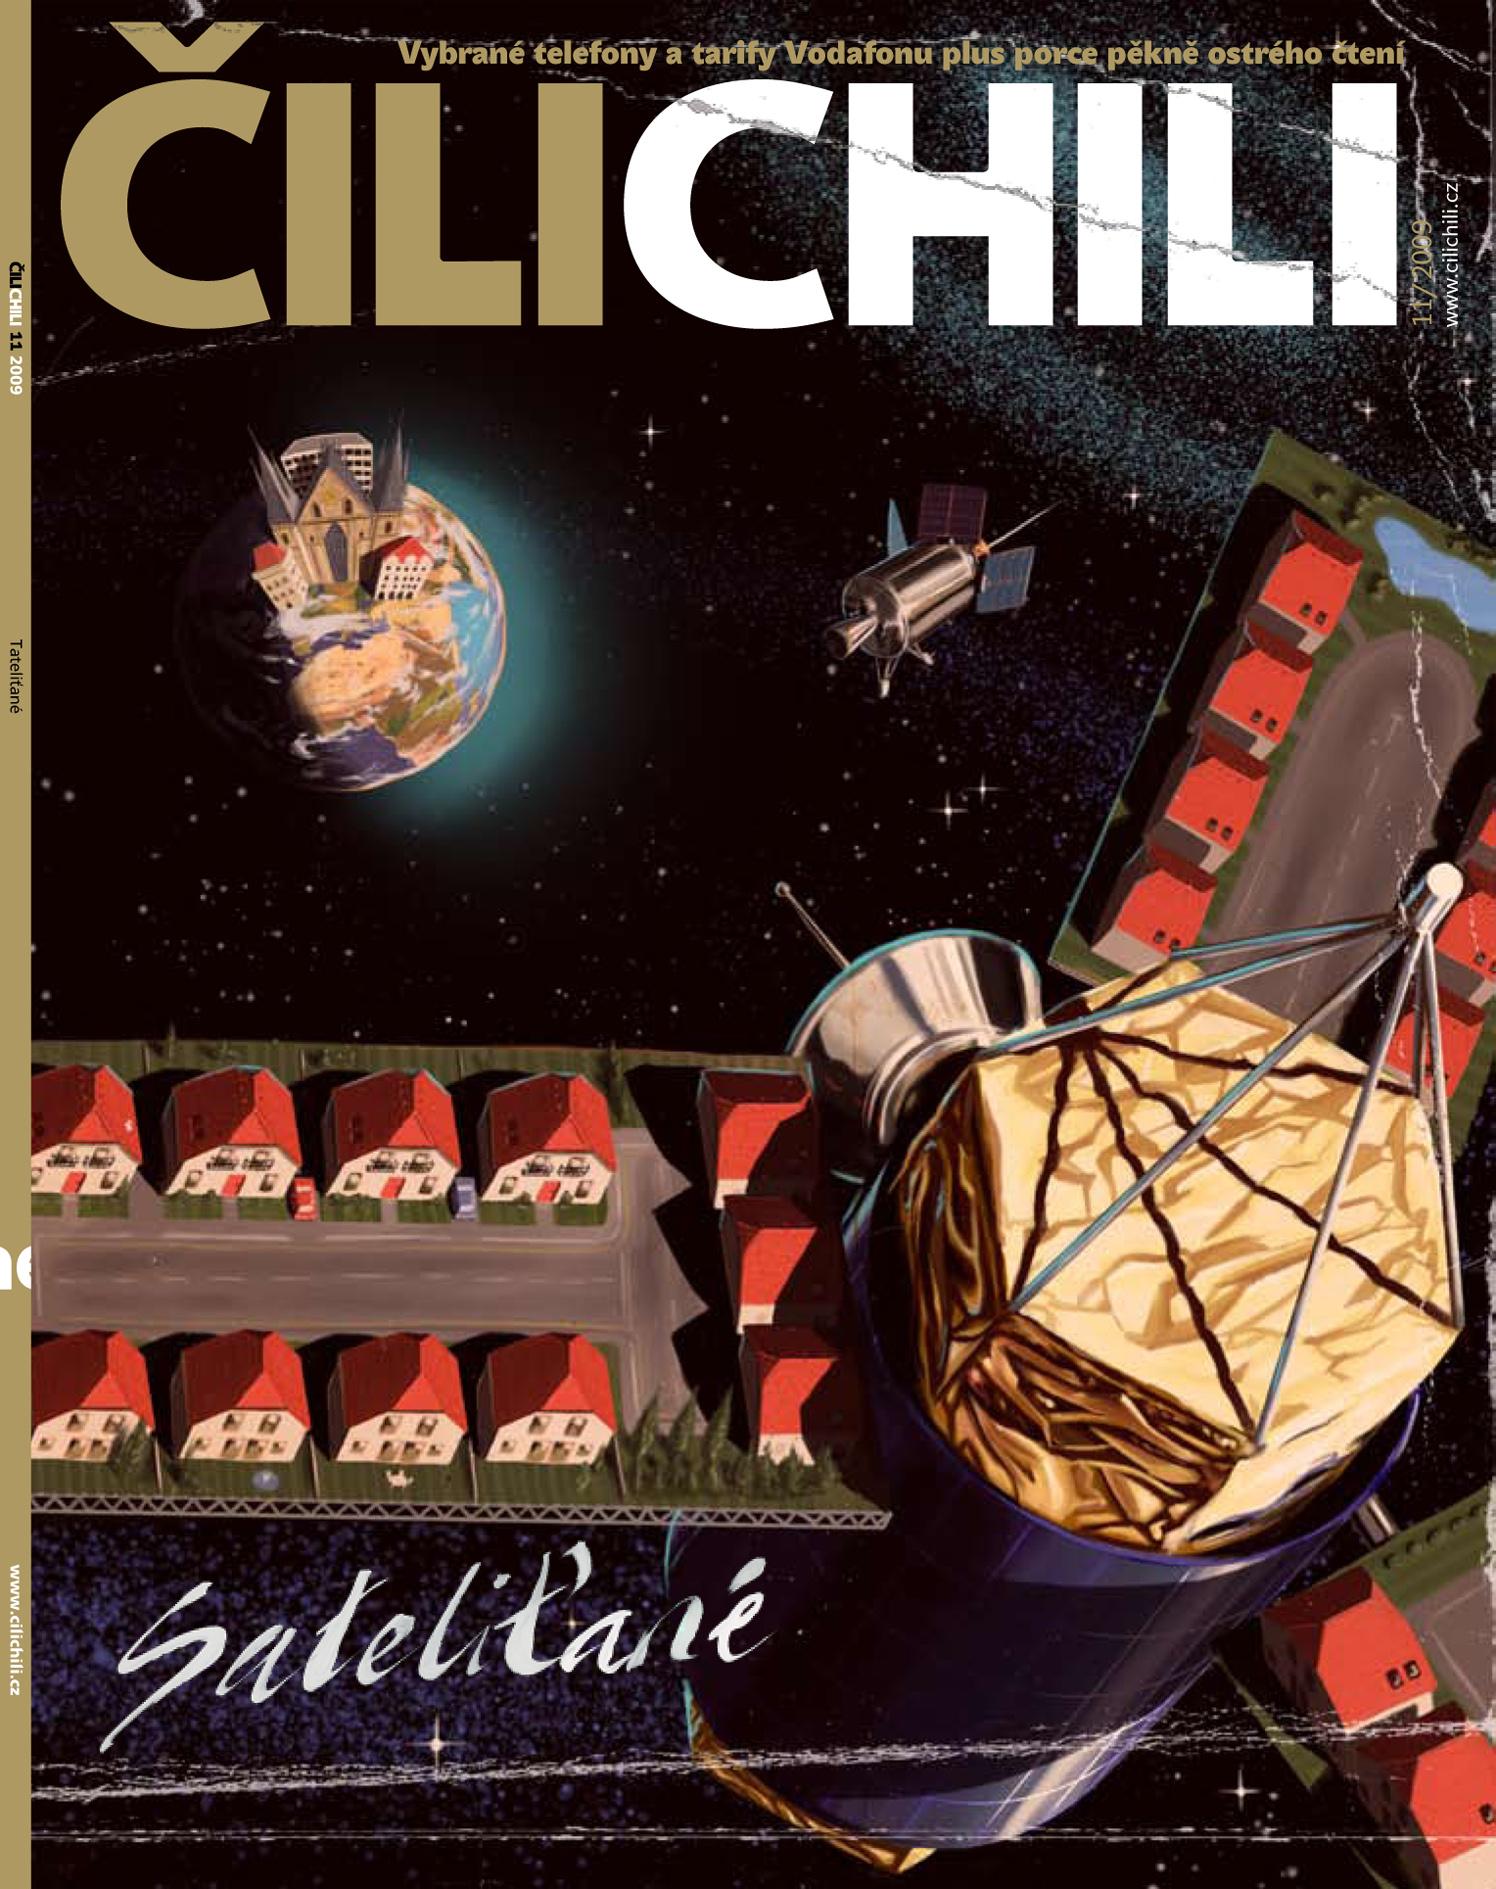 Cili Chili Magazine / Suburbs